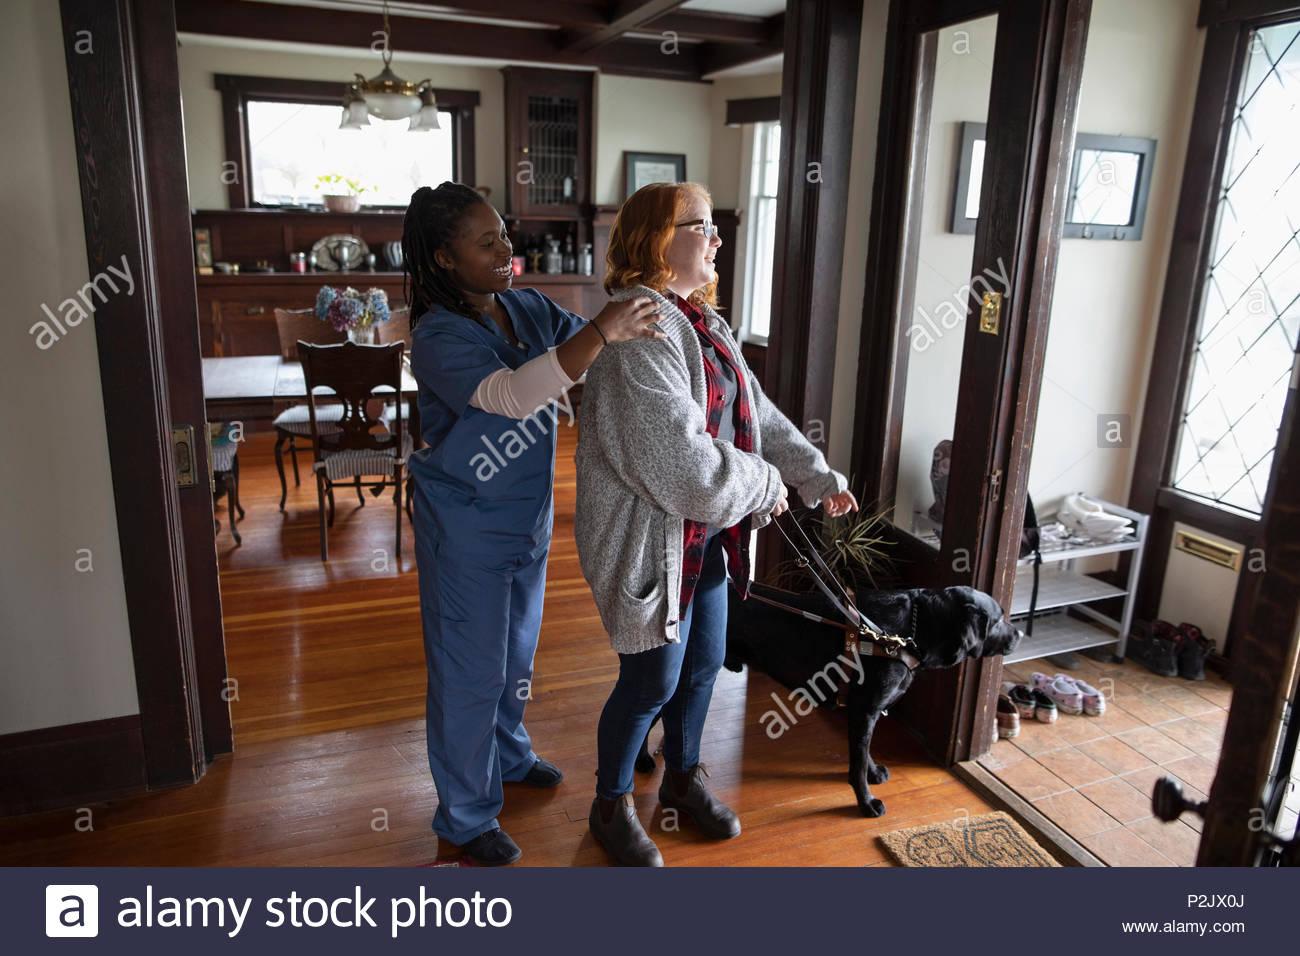 Home caregiver preparazione ipovedenti donna e seeing eye cane per camminare Immagini Stock